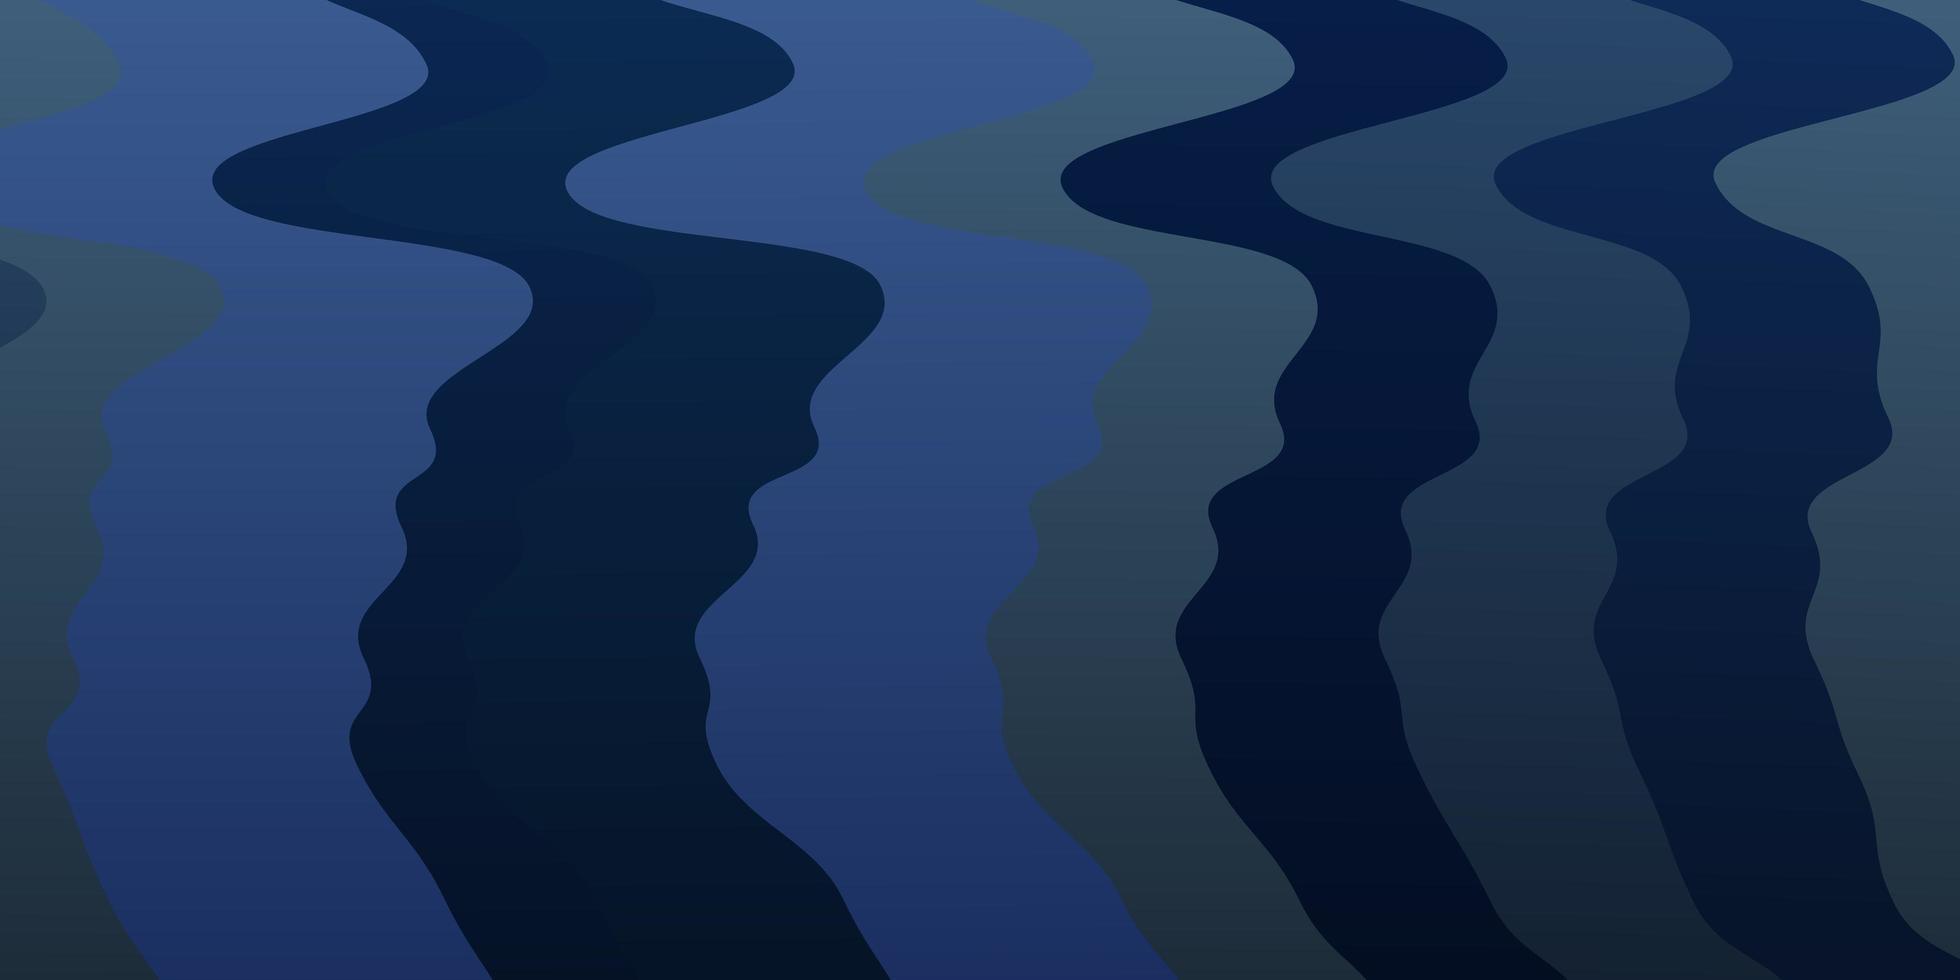 blauwe sjabloon met gebogen lijnen. vector